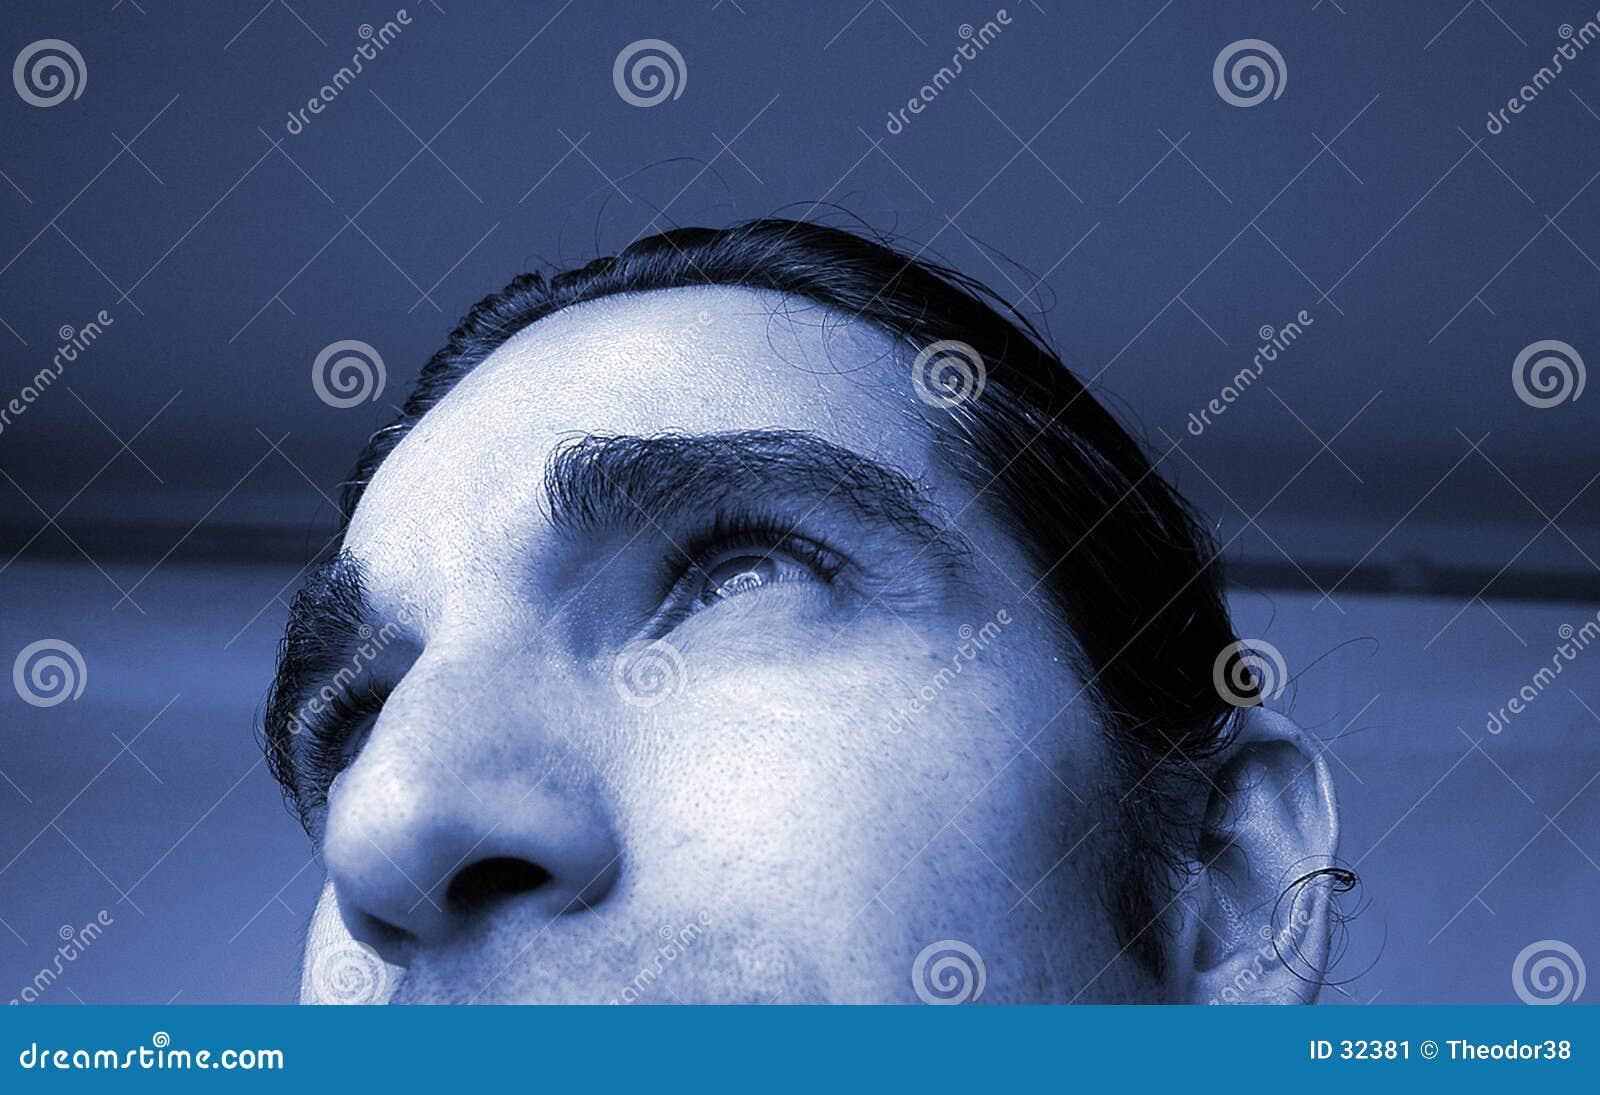 Niebieski człowiek portret